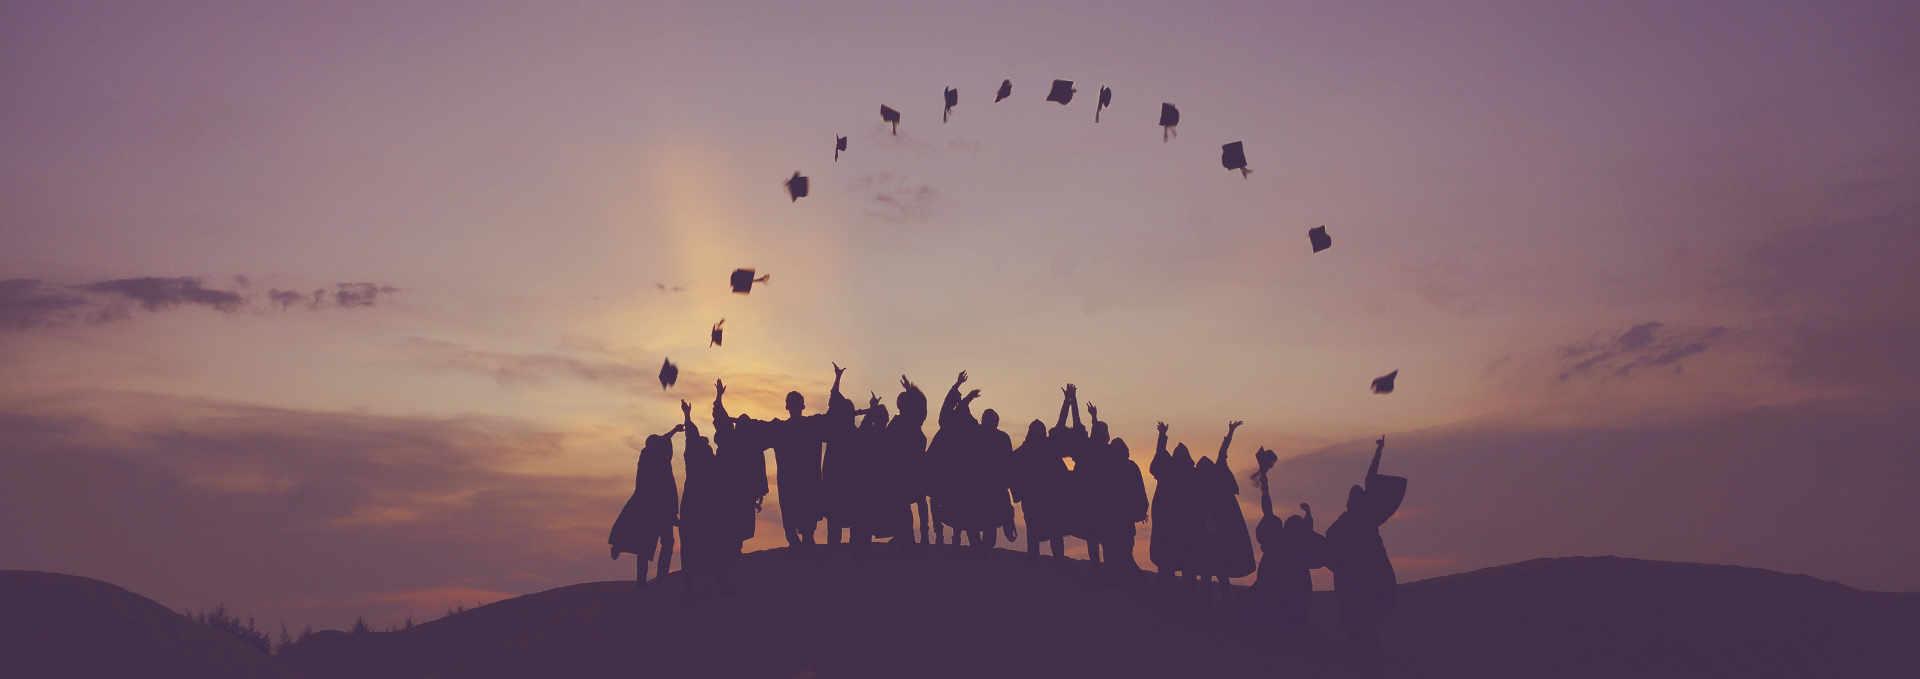 Innoviduum Mission Potential Verwirklichen, junge Menschen auf Hügel feiern Erfolg